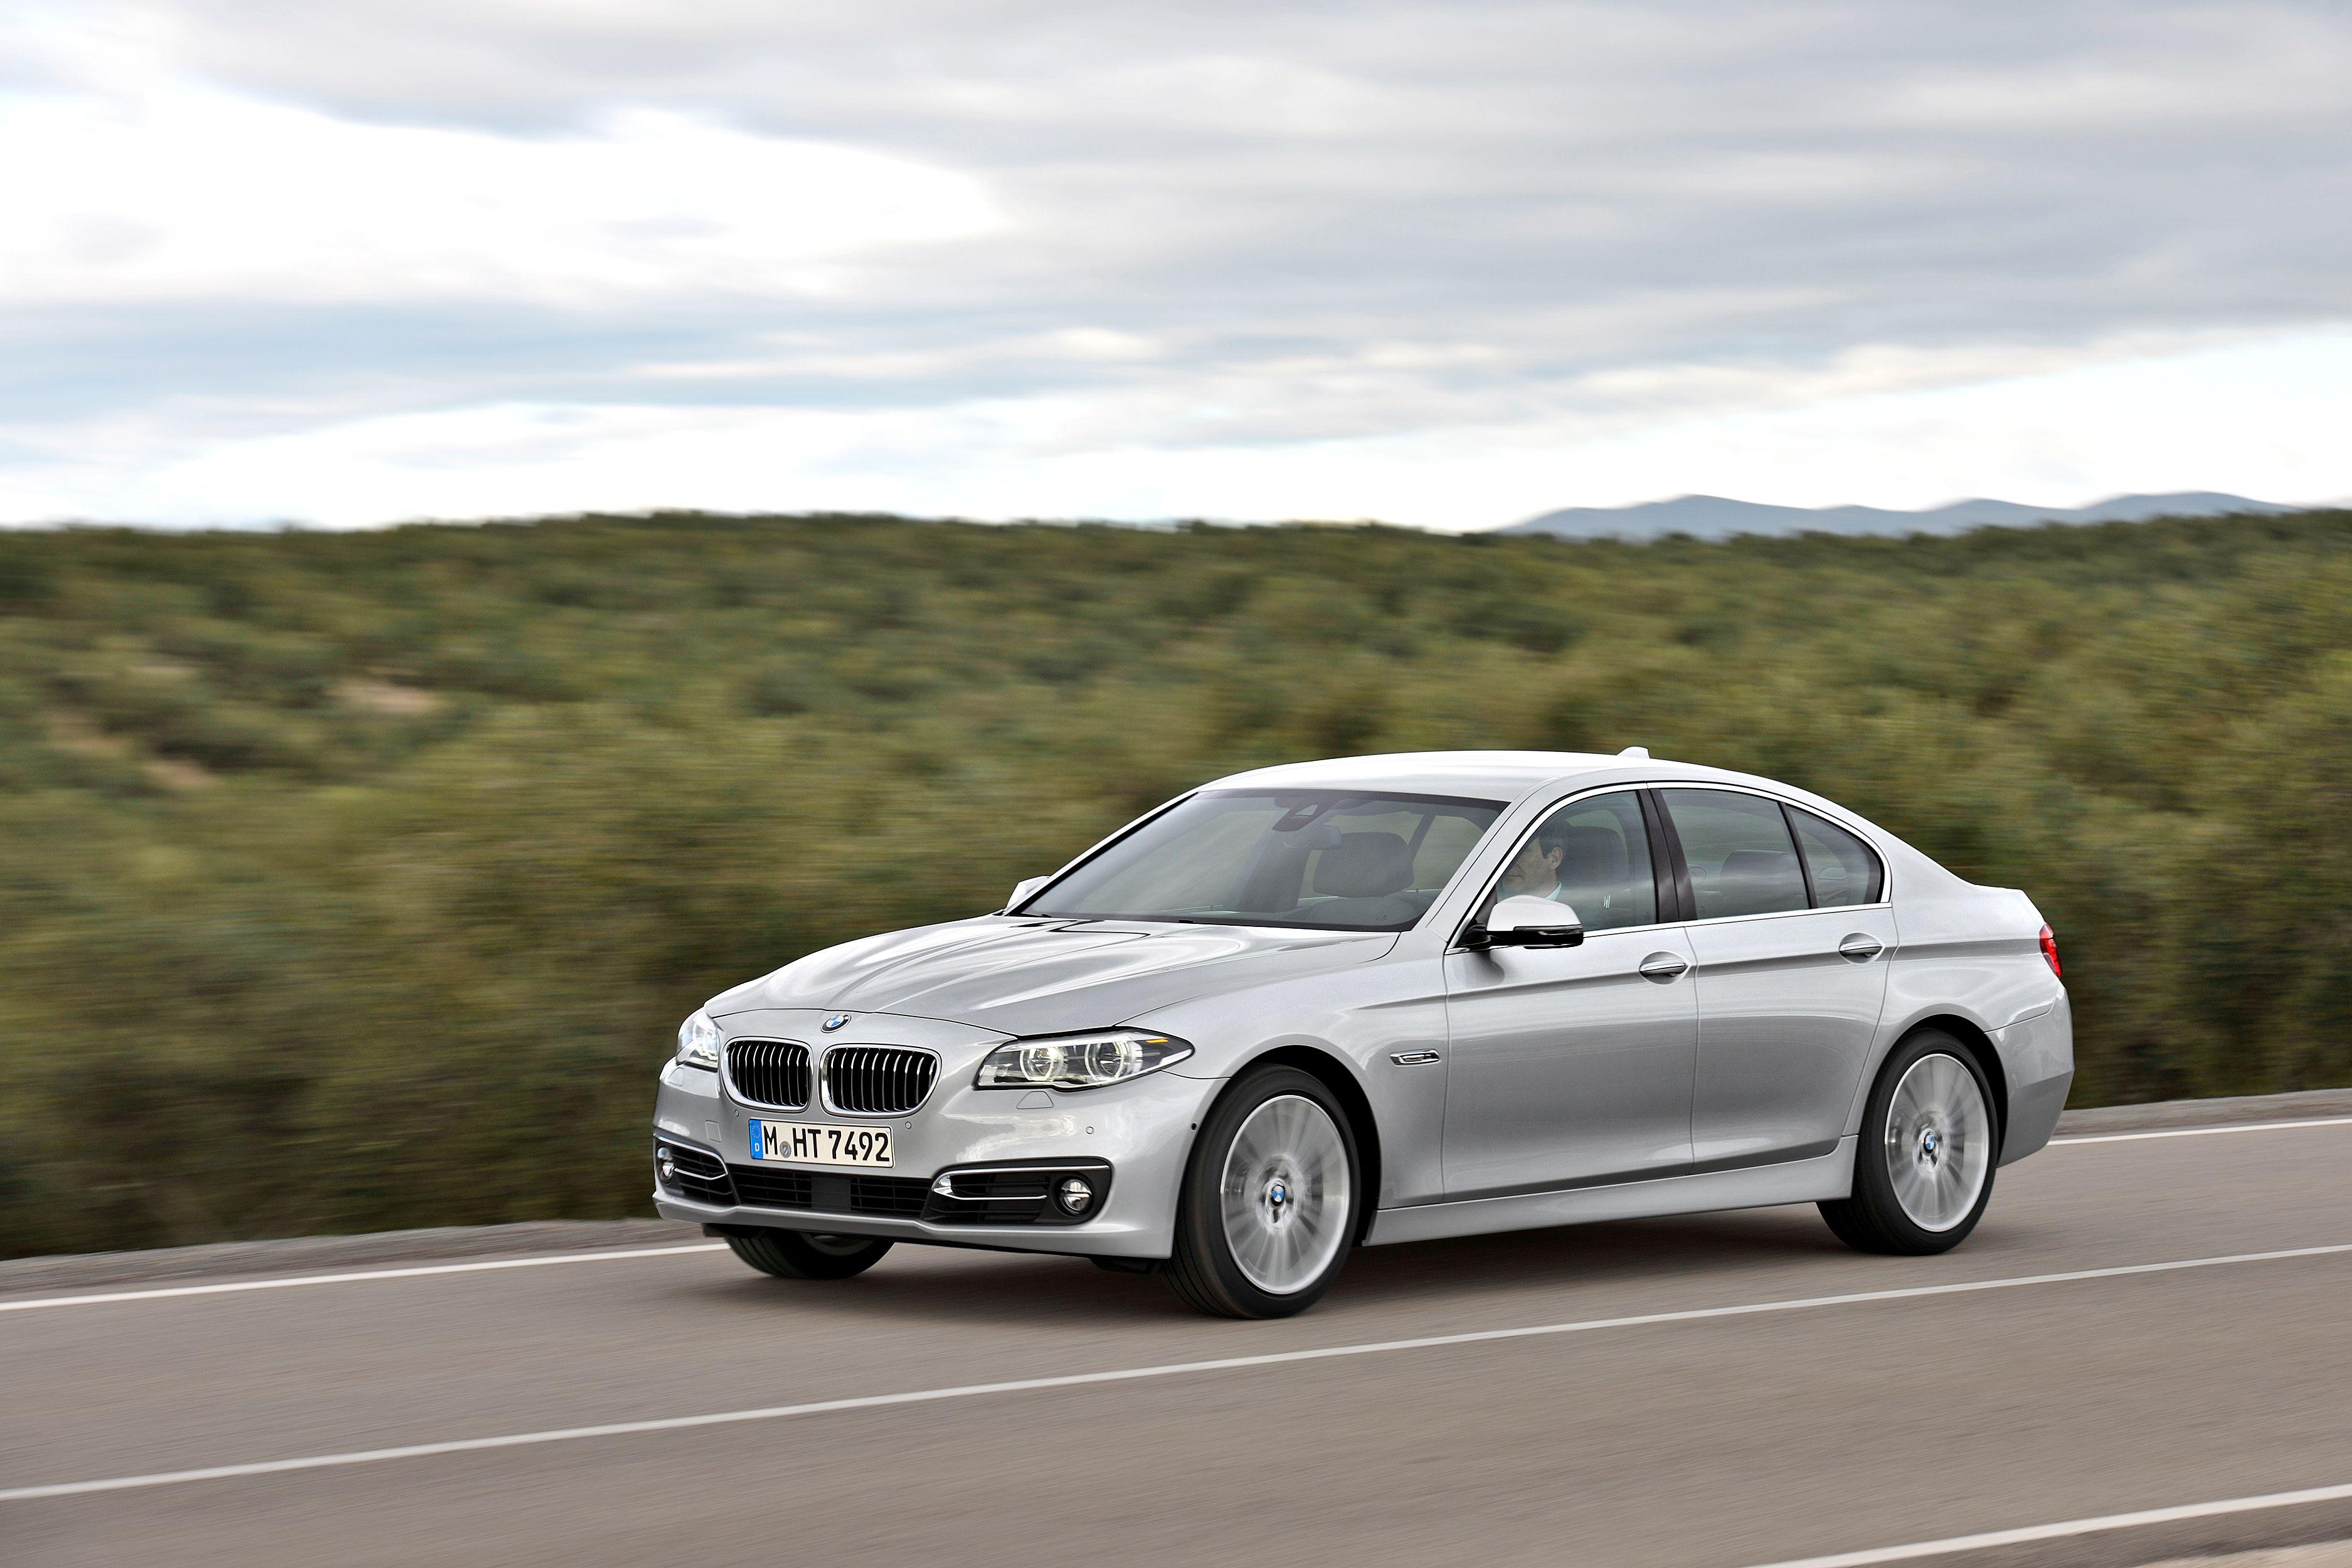 BMW řady 5 Sedan může b½t váÅ¡ už od 14 999 Kč bez DPH měsÄně